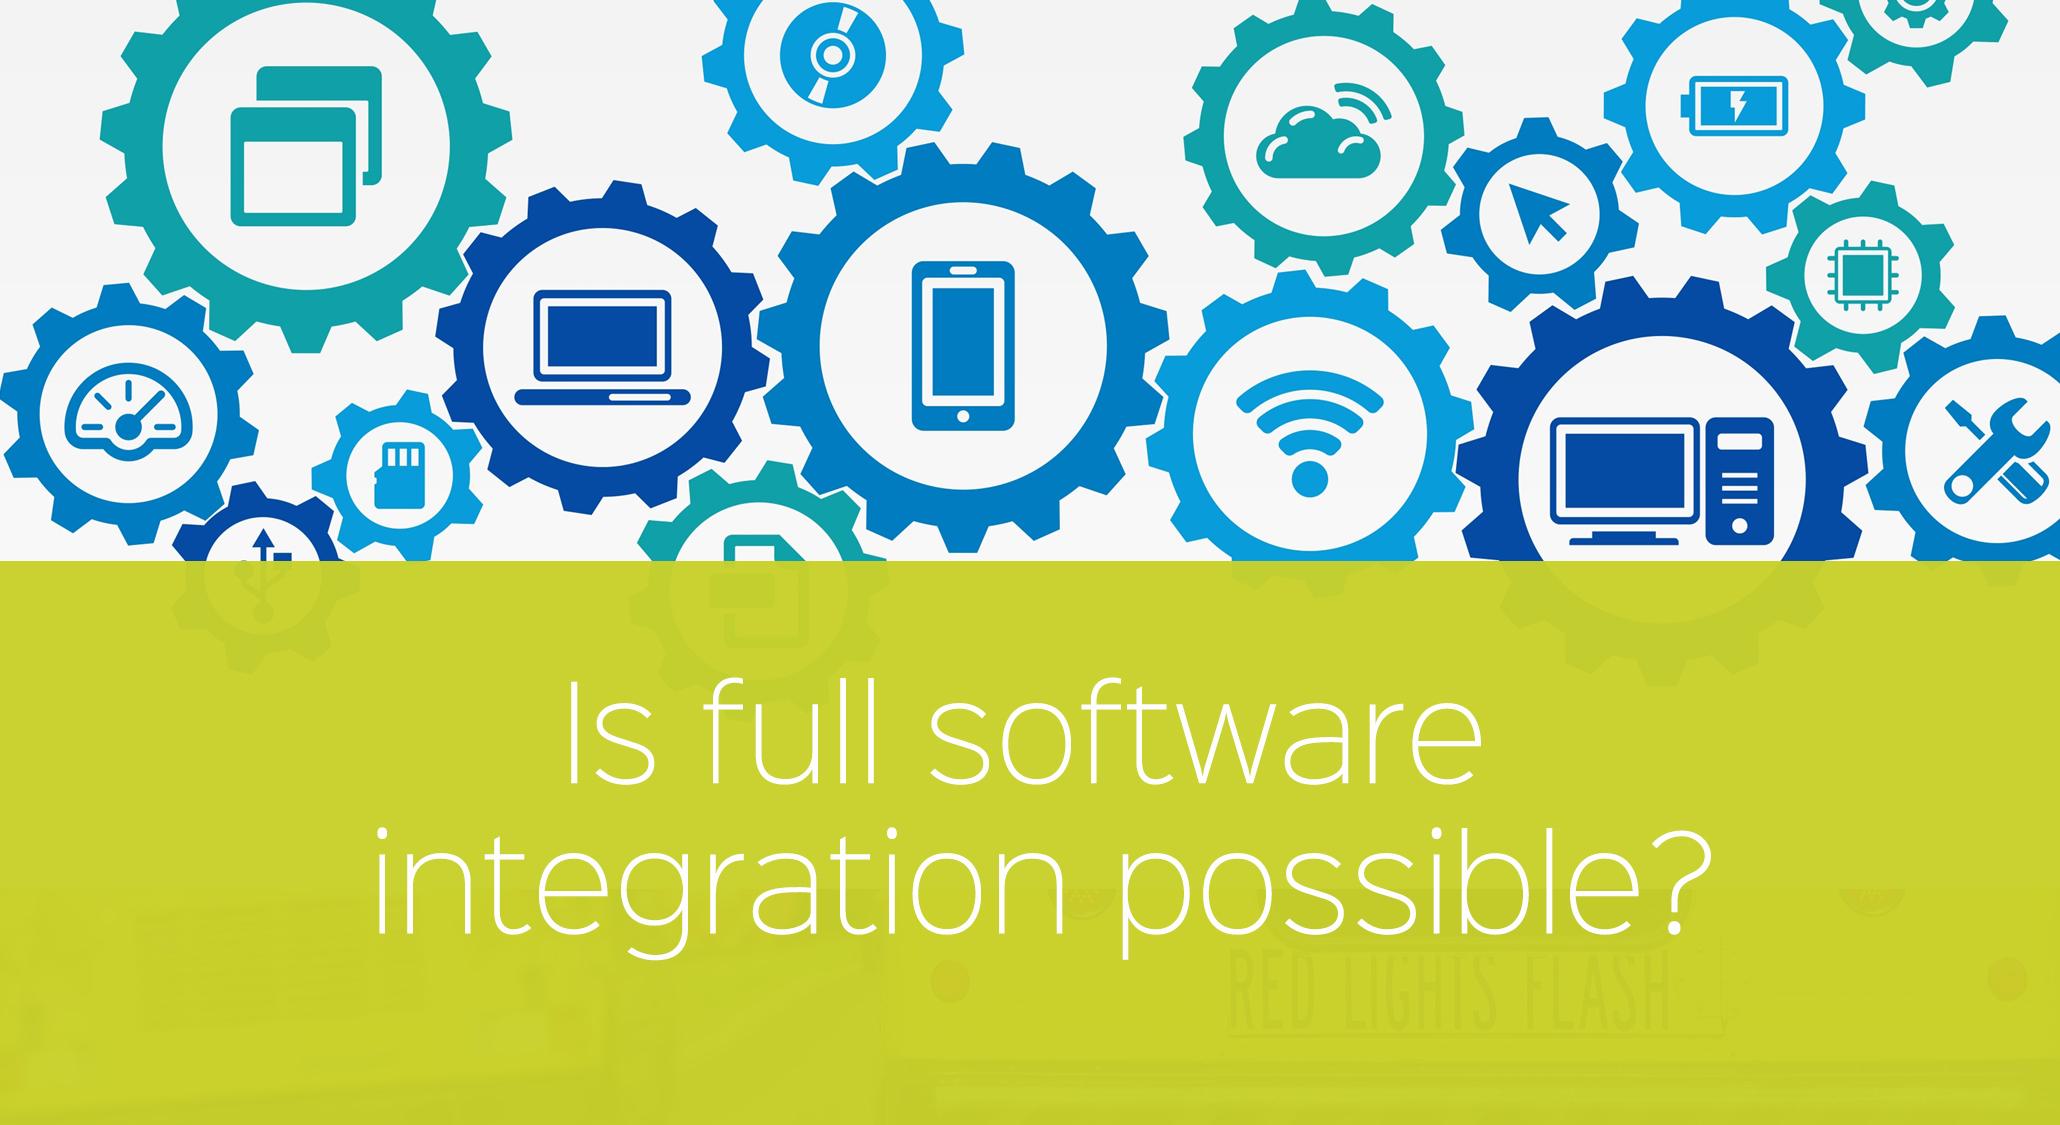 K-12 Transportation Software Makes Integration Possible